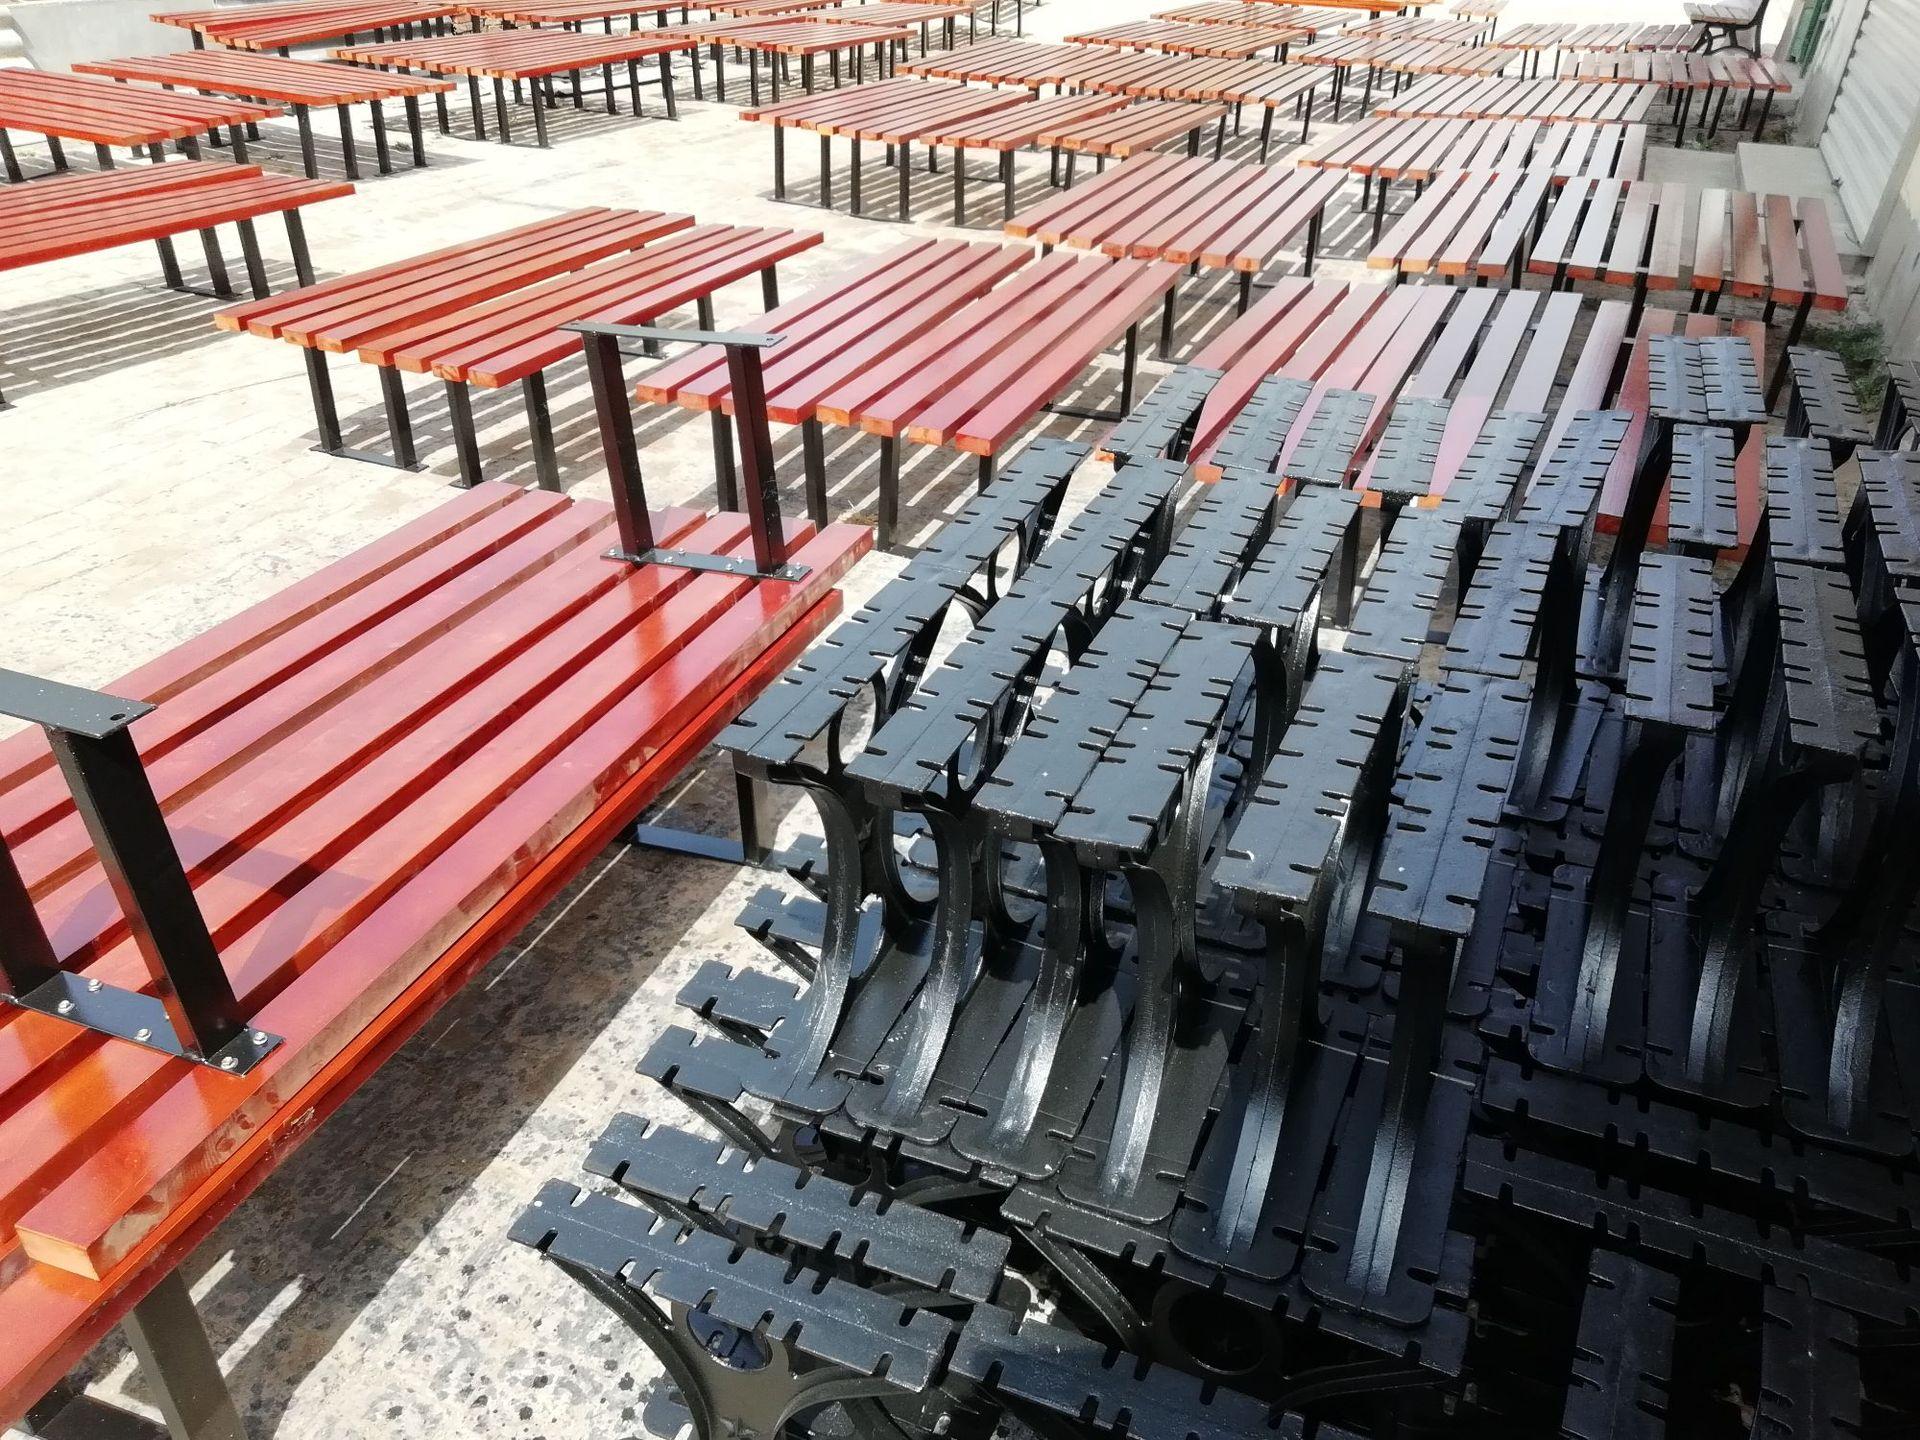 长期供应户外防腐木休闲椅 公园小区座椅 长椅 铸铁腿 实木 塑木示例图22